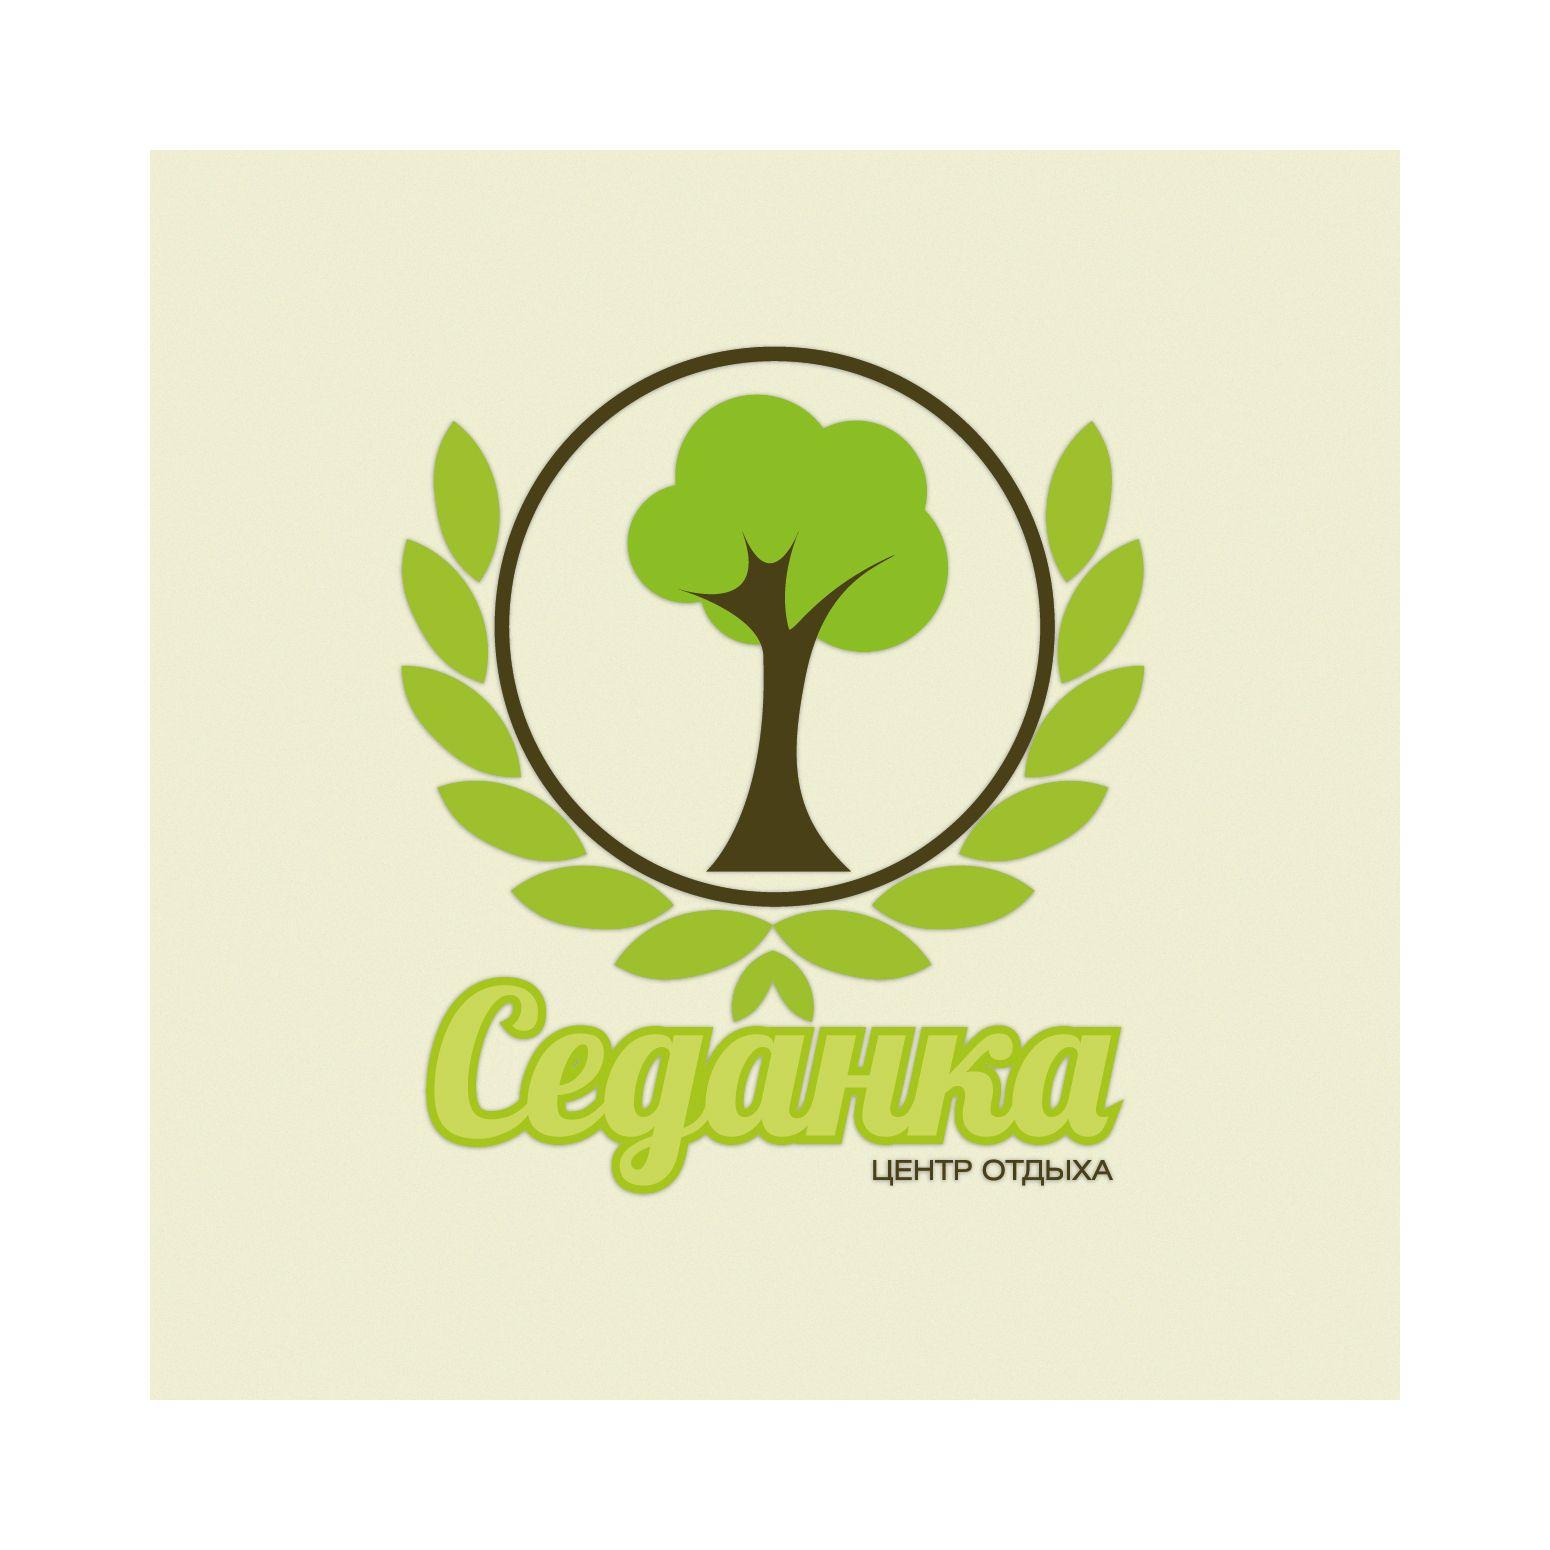 Логотип для центра отдыха - дизайнер klyax